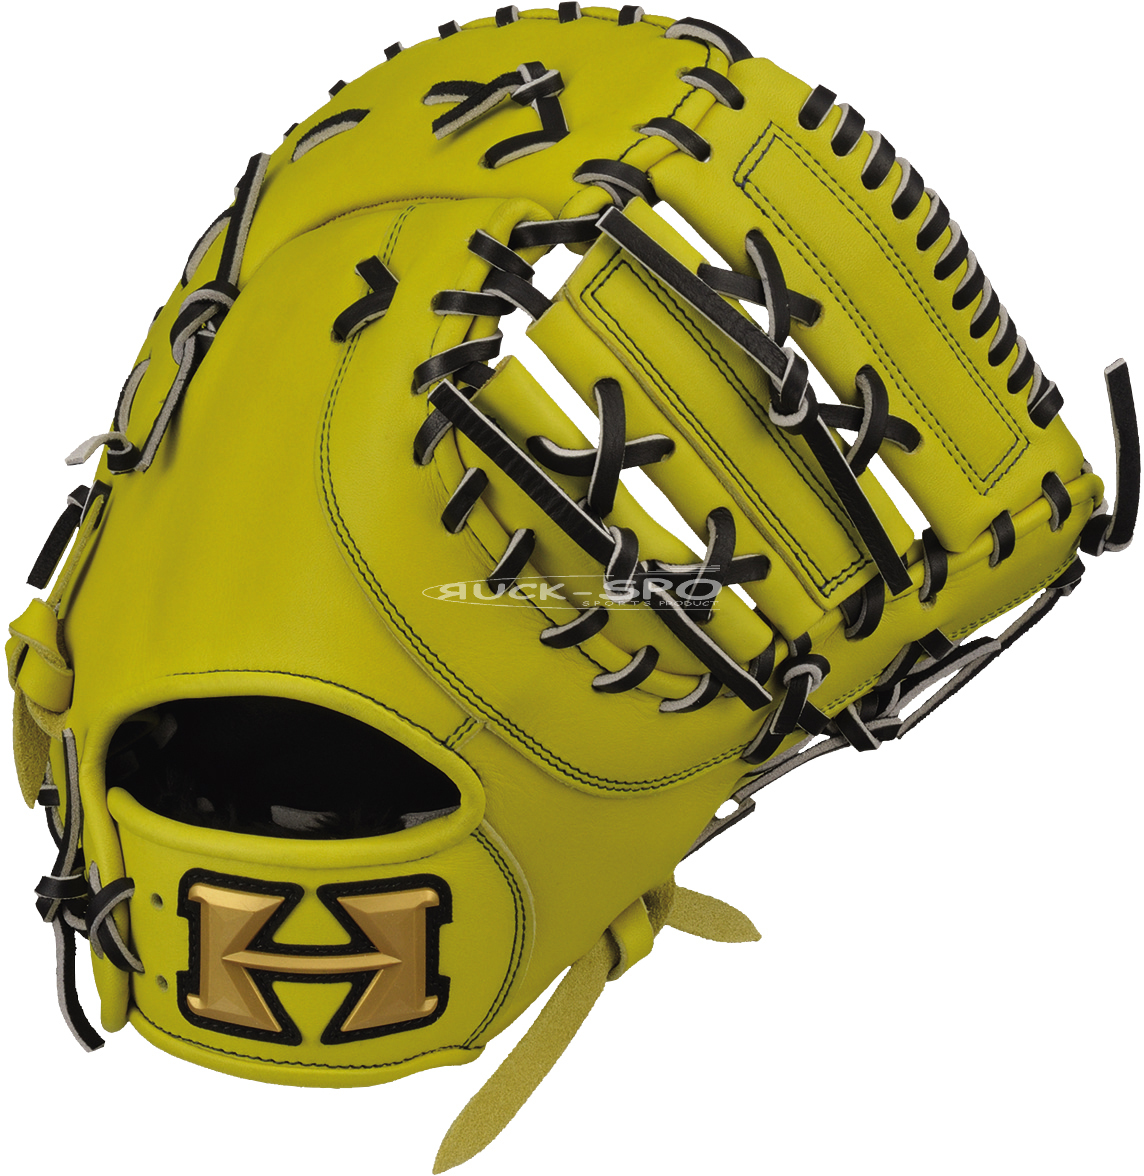 2019年モデル ハイゴールド HI-GOLD 一塁手用 軟式 ミット グローブ イエロー 黄 少年 野球 RKG193F 送料無料